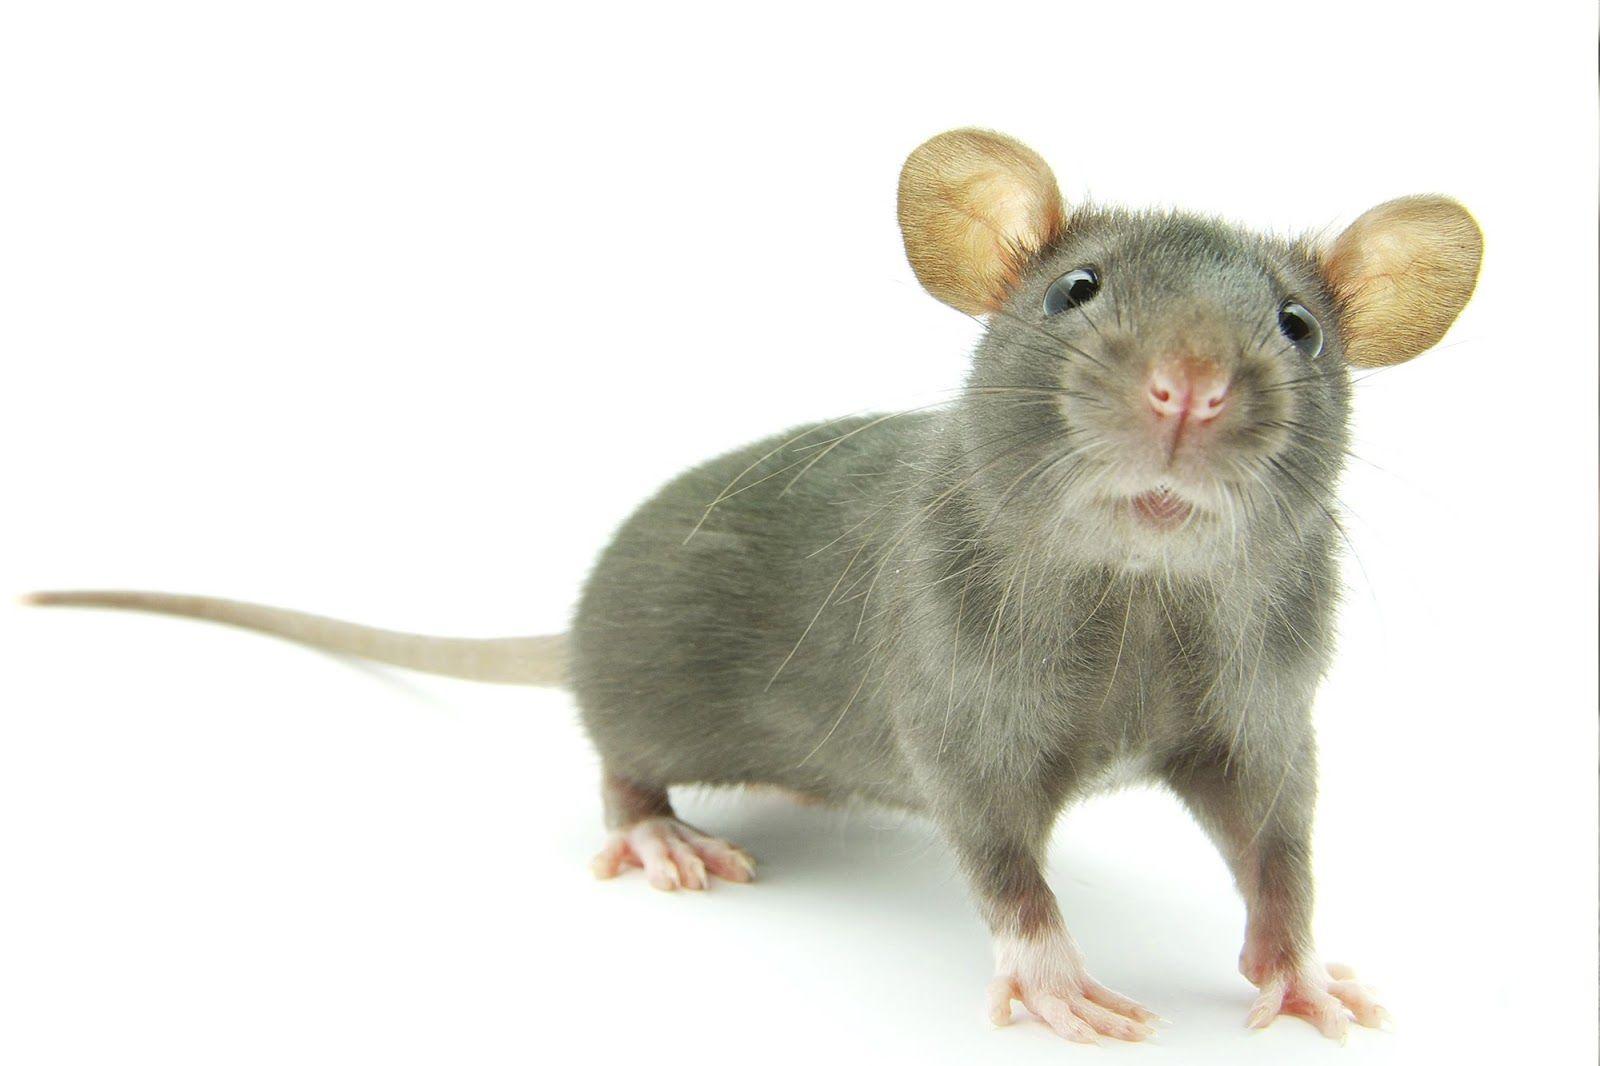 صور فأر معلومات عن الفأر واشكاله بالصور الفأر نوع من انواع الحيوانات وهو من فصيلة الفأريات من القوارض واكثر انواع الفأران الم Animals Keep Bugs Away Rats